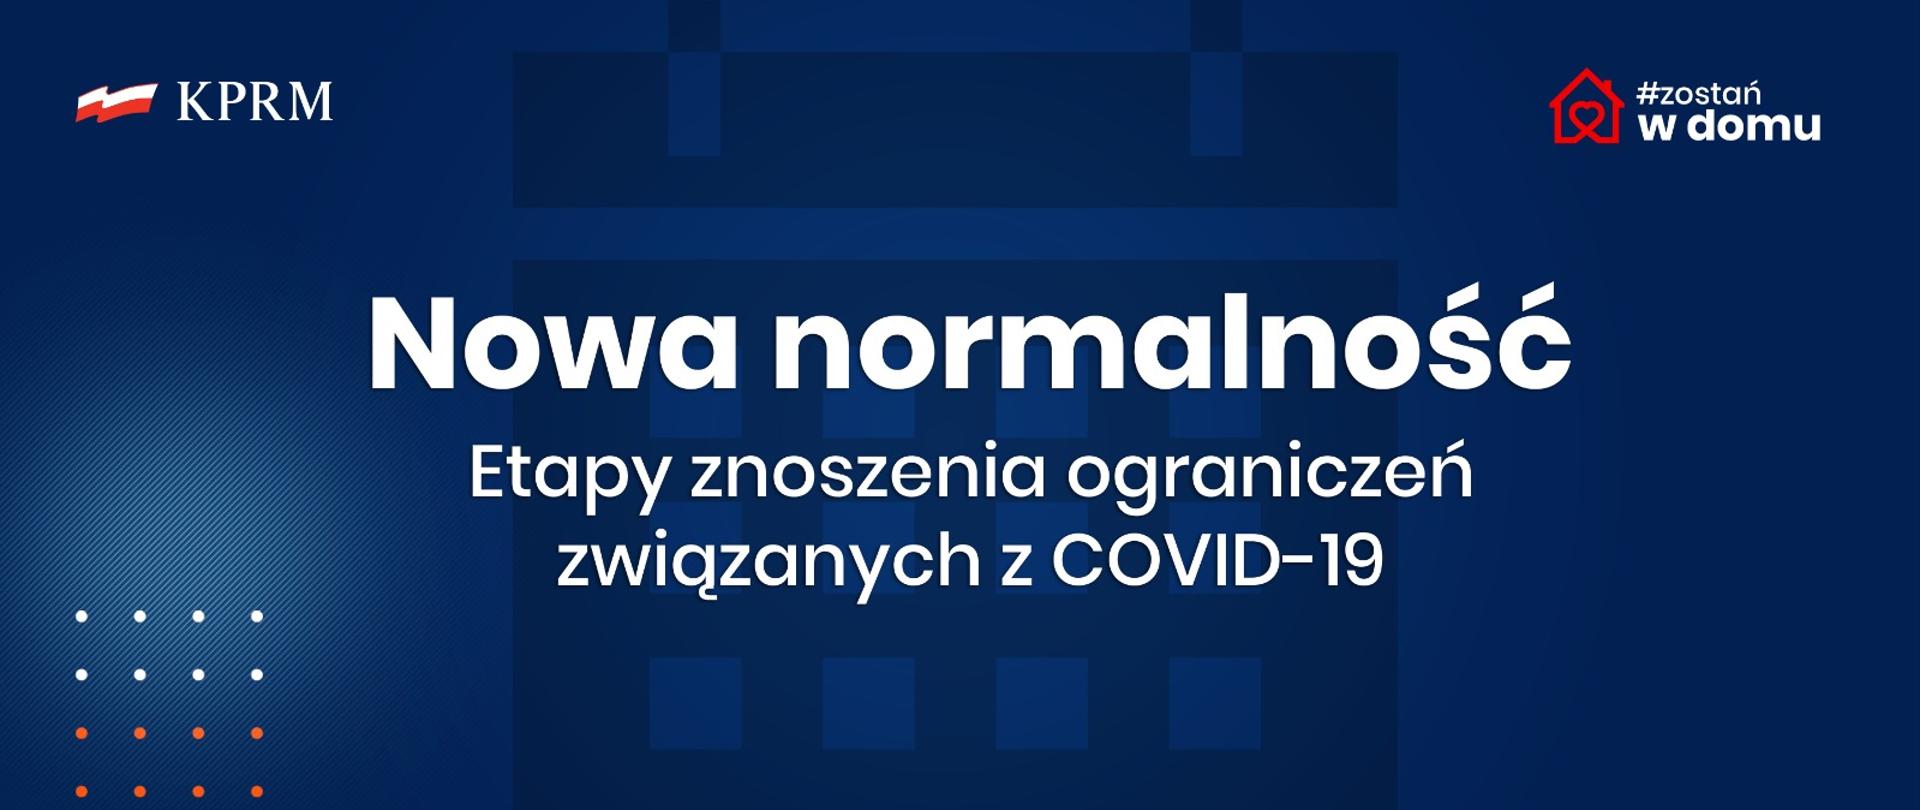 Nowa normalność: Etapy znoszenia ograniczeń związanych zCOVID-19